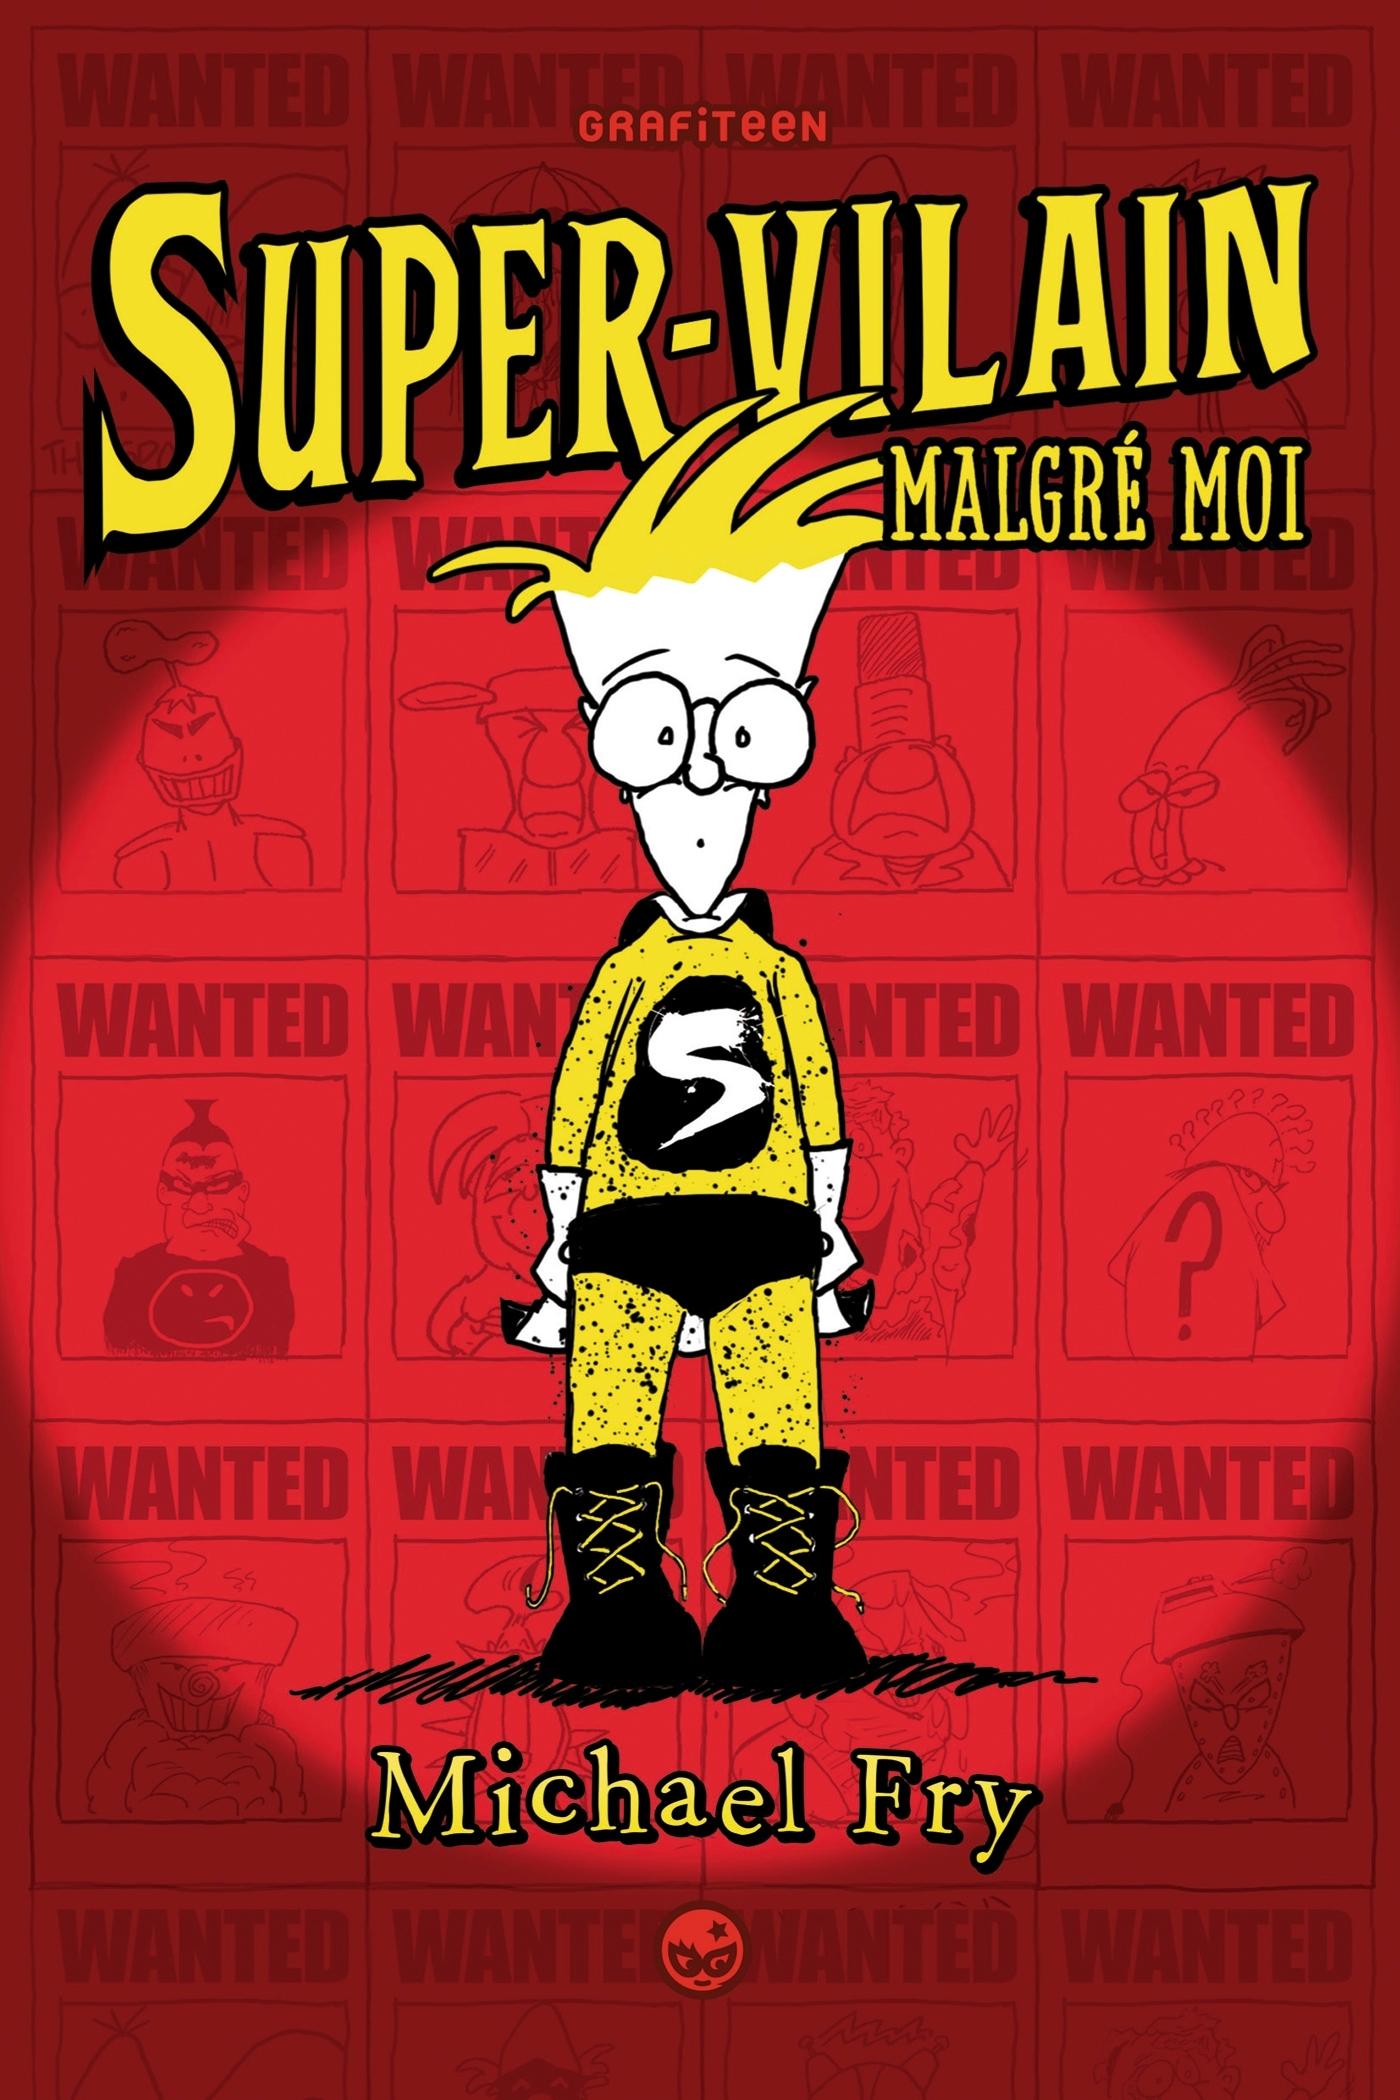 SUPERVILAIN, TOME 01 - SUPER-VILAIN MALGRE MOI